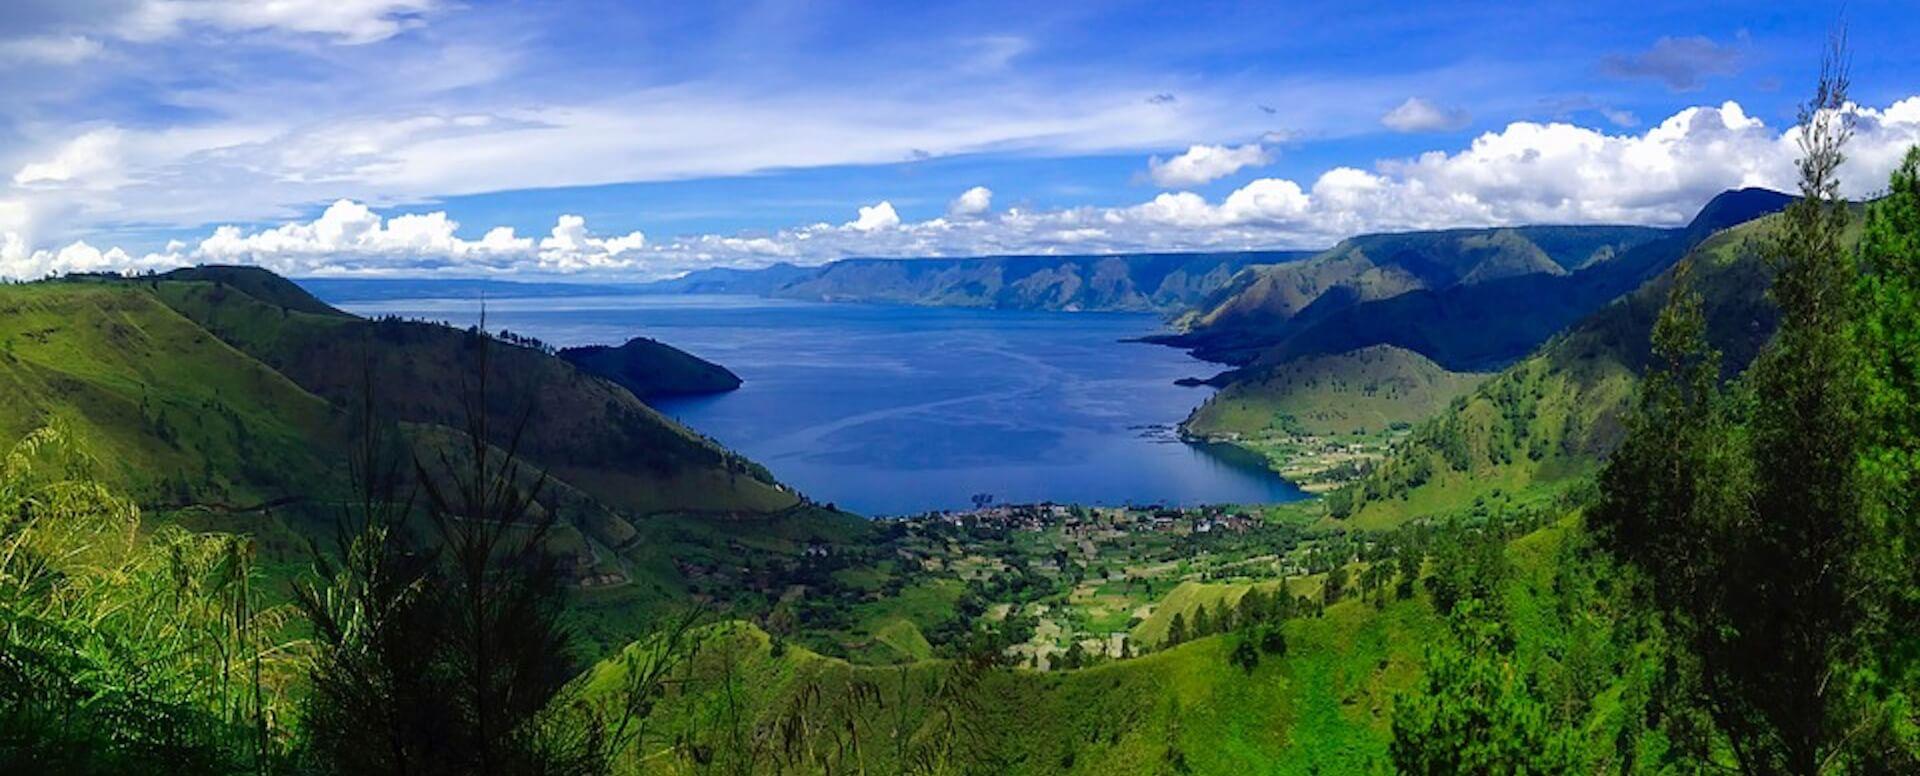 Grandioses Lacs et rivières - Indonésie